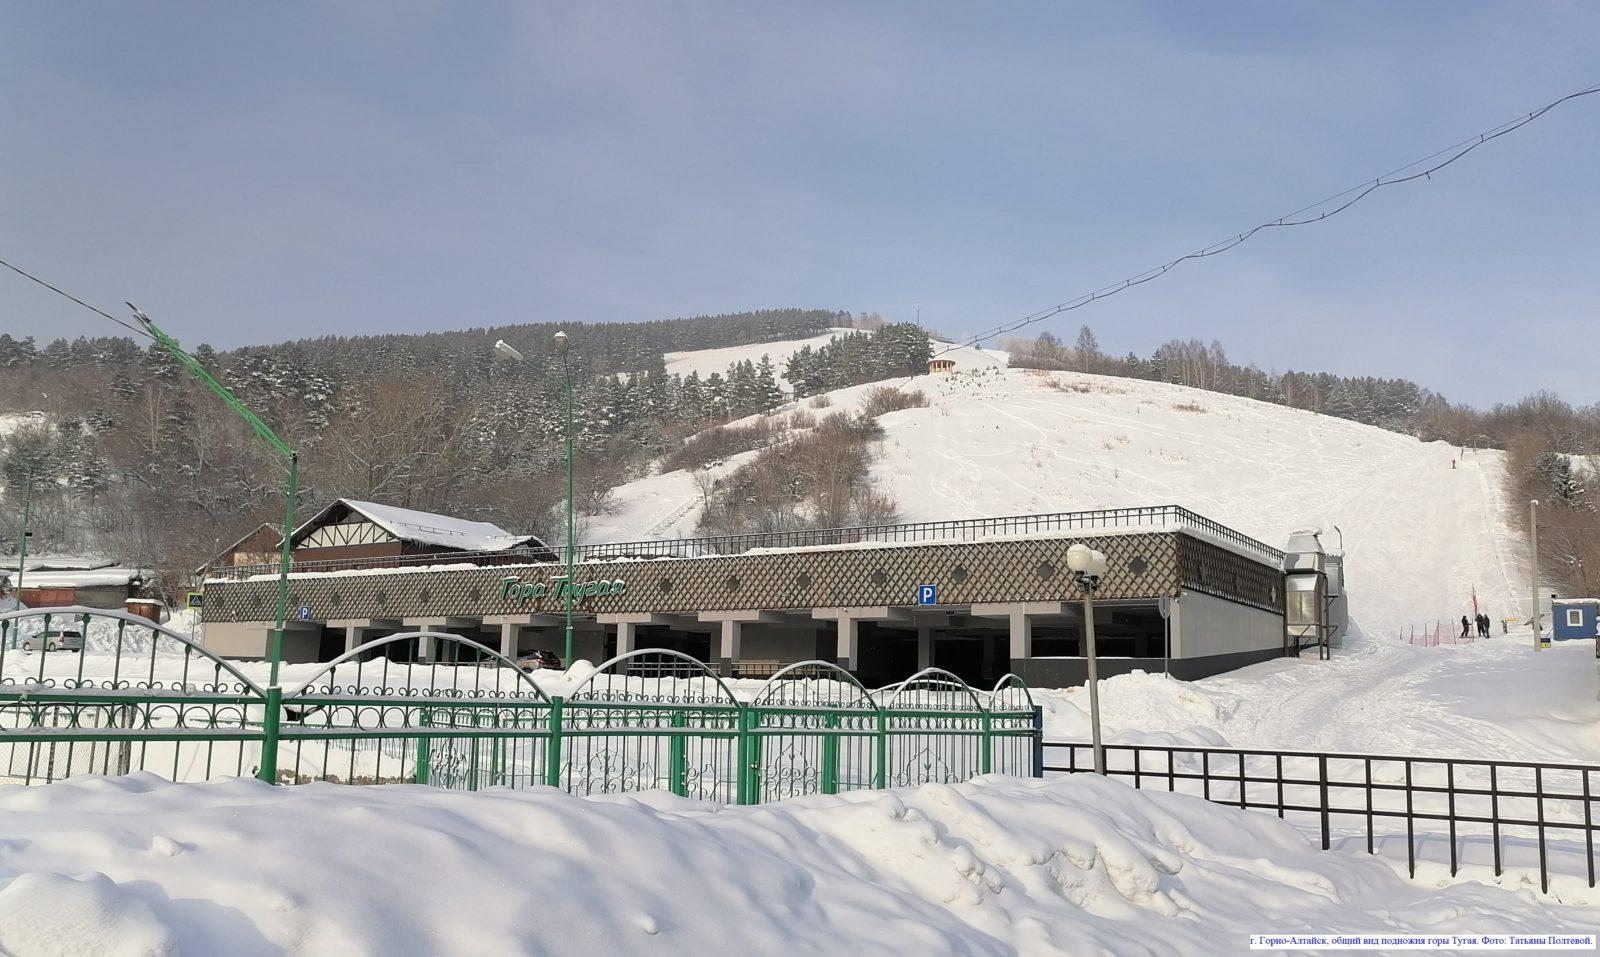 г. Горно-Алтайск, общий вид подножия горы Тугая.